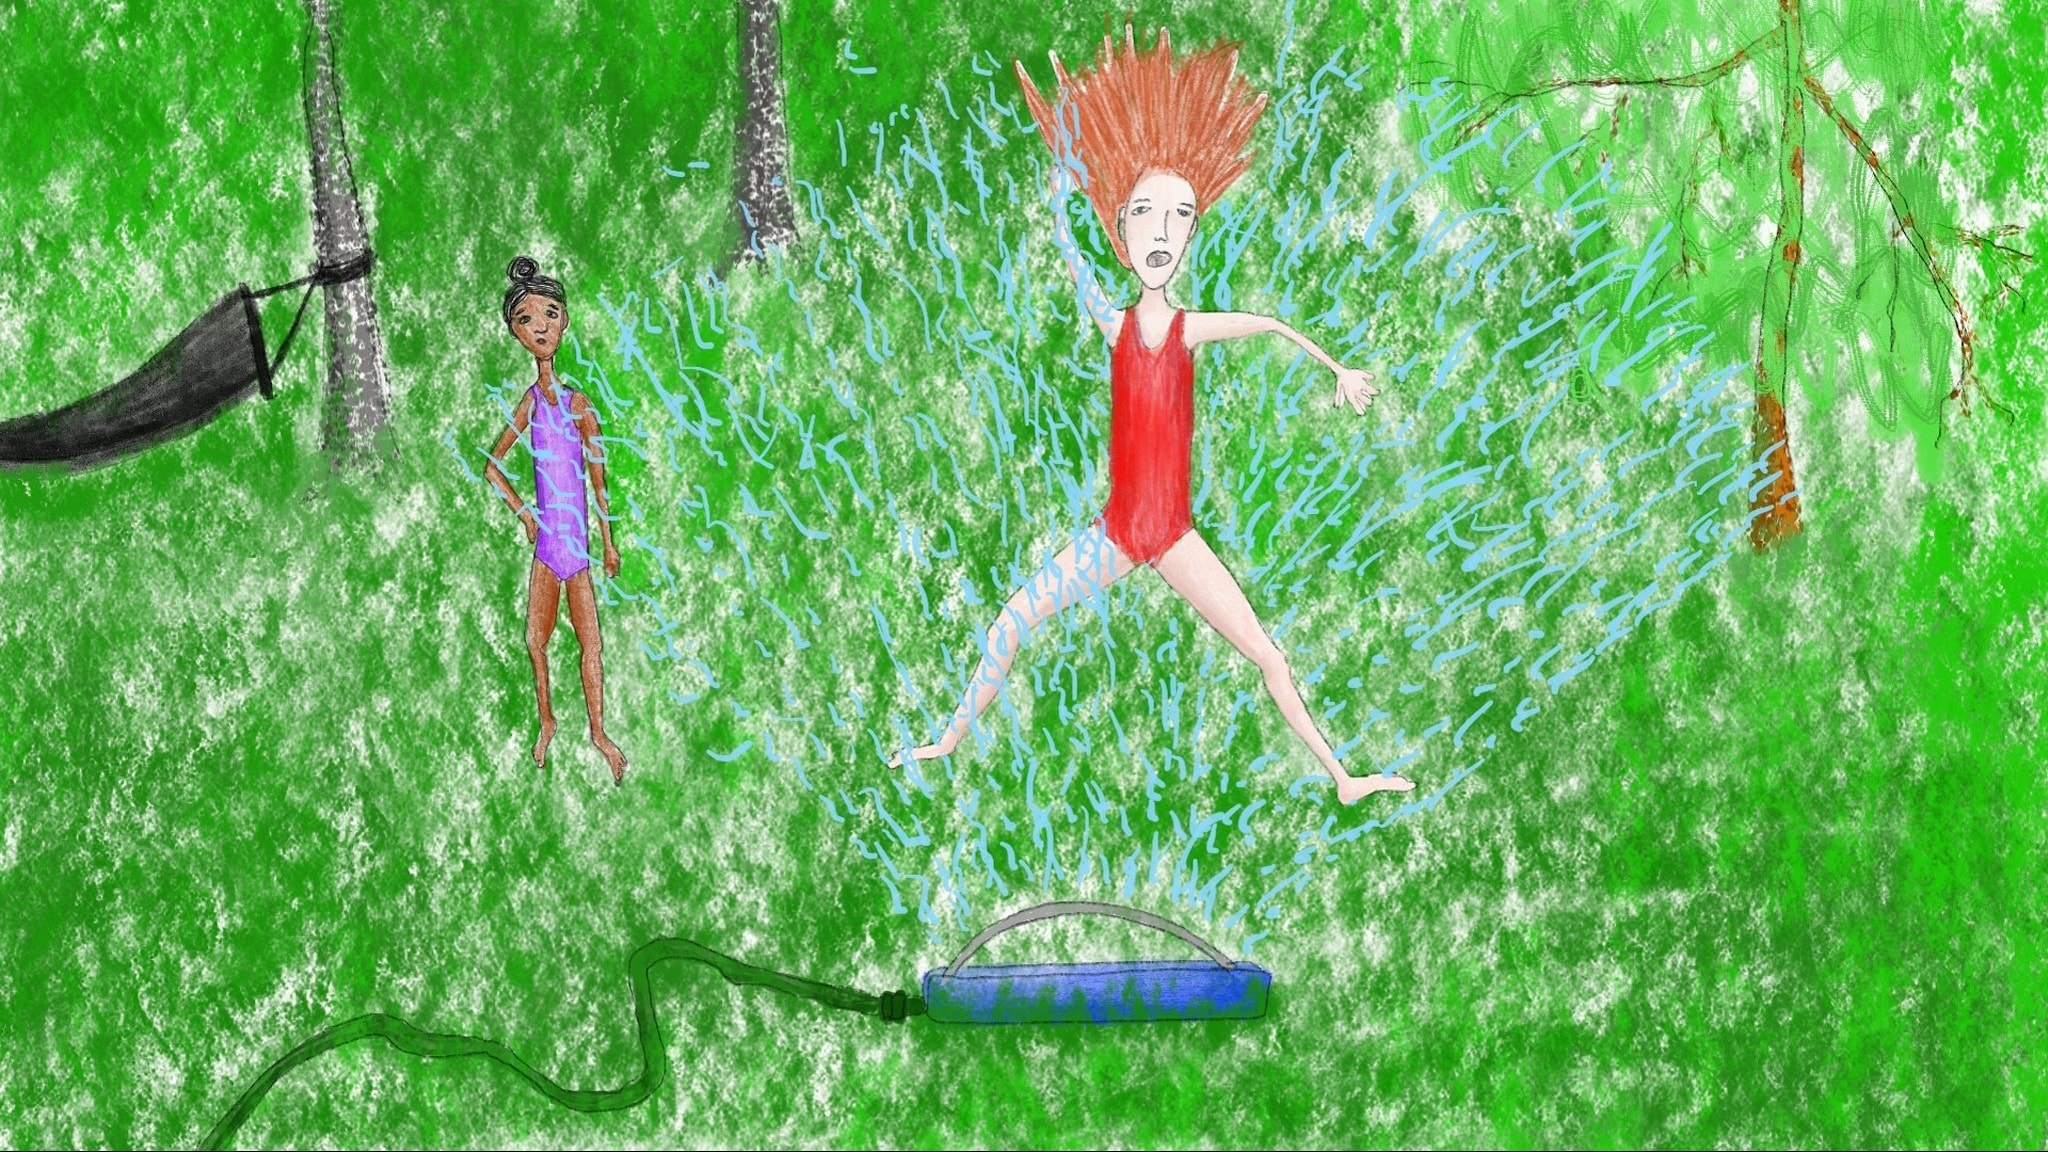 Piirros tytöstä, joka leikkii sprinklerileikkiä eli hyppii sadettajan yli